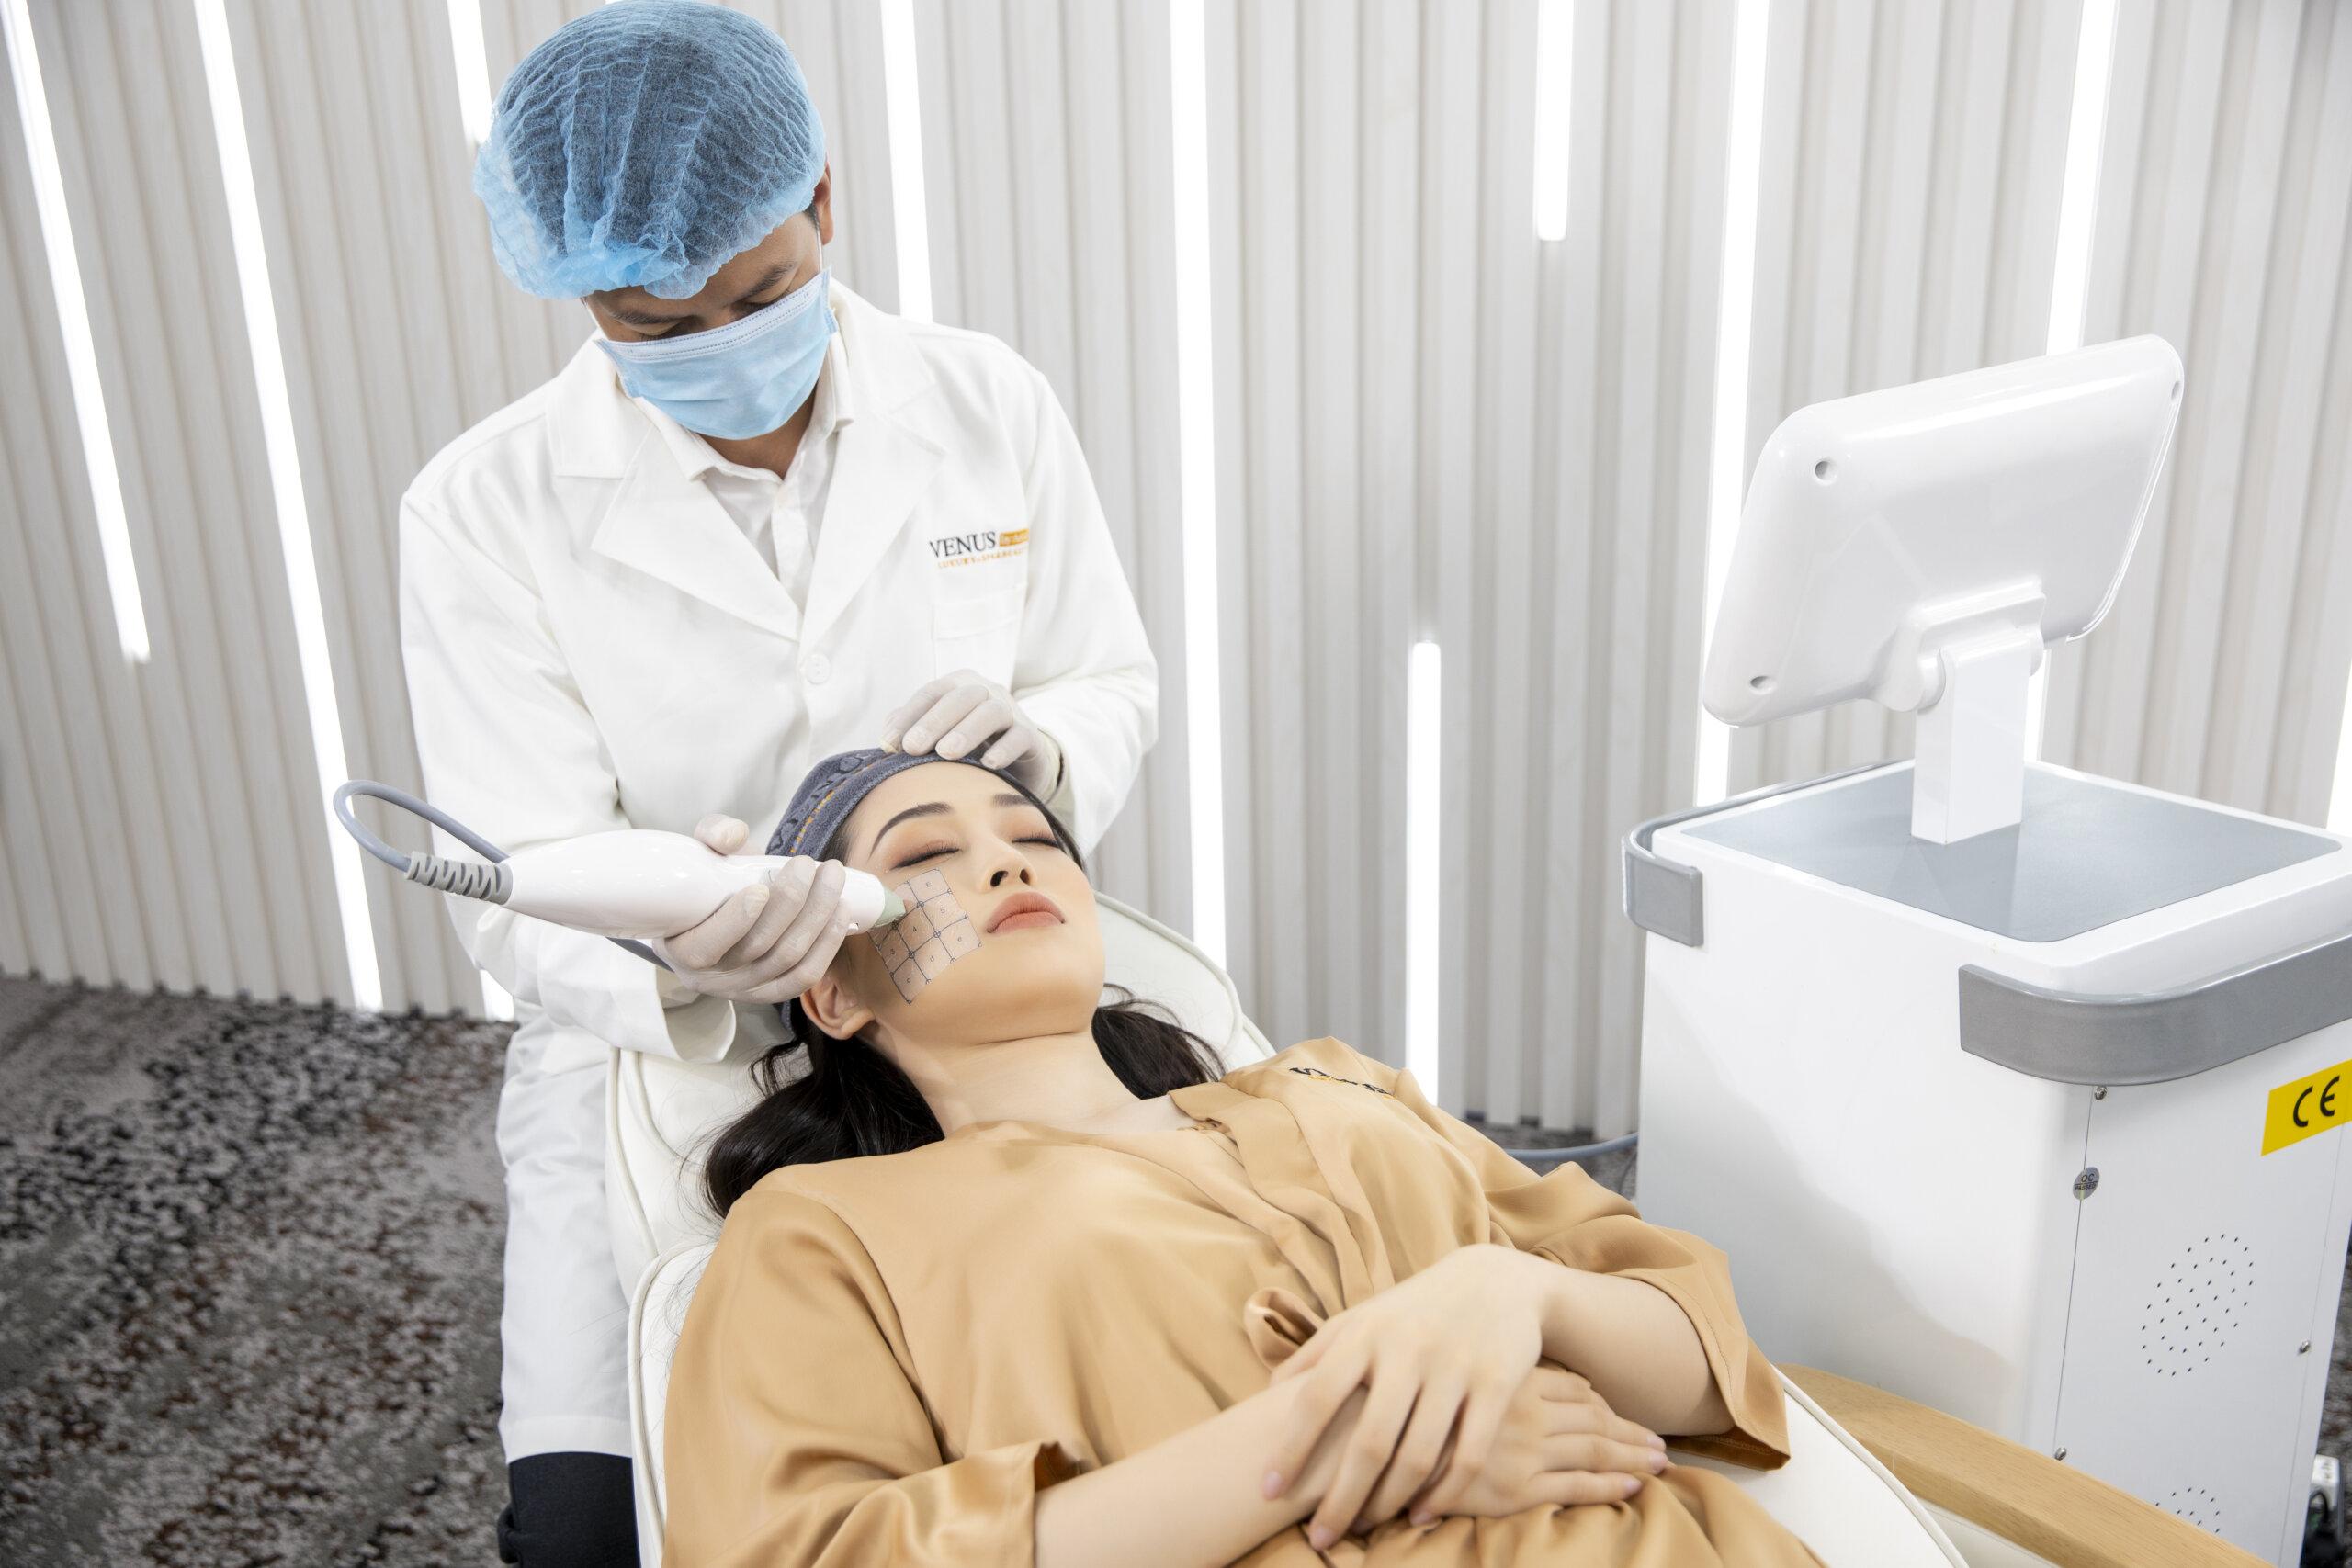 Á hậu Bùi Phương Nga trải nghiệm quy trình chăm sóc gương mặt bằng máy công nghệ cao tại Venus by Asian.